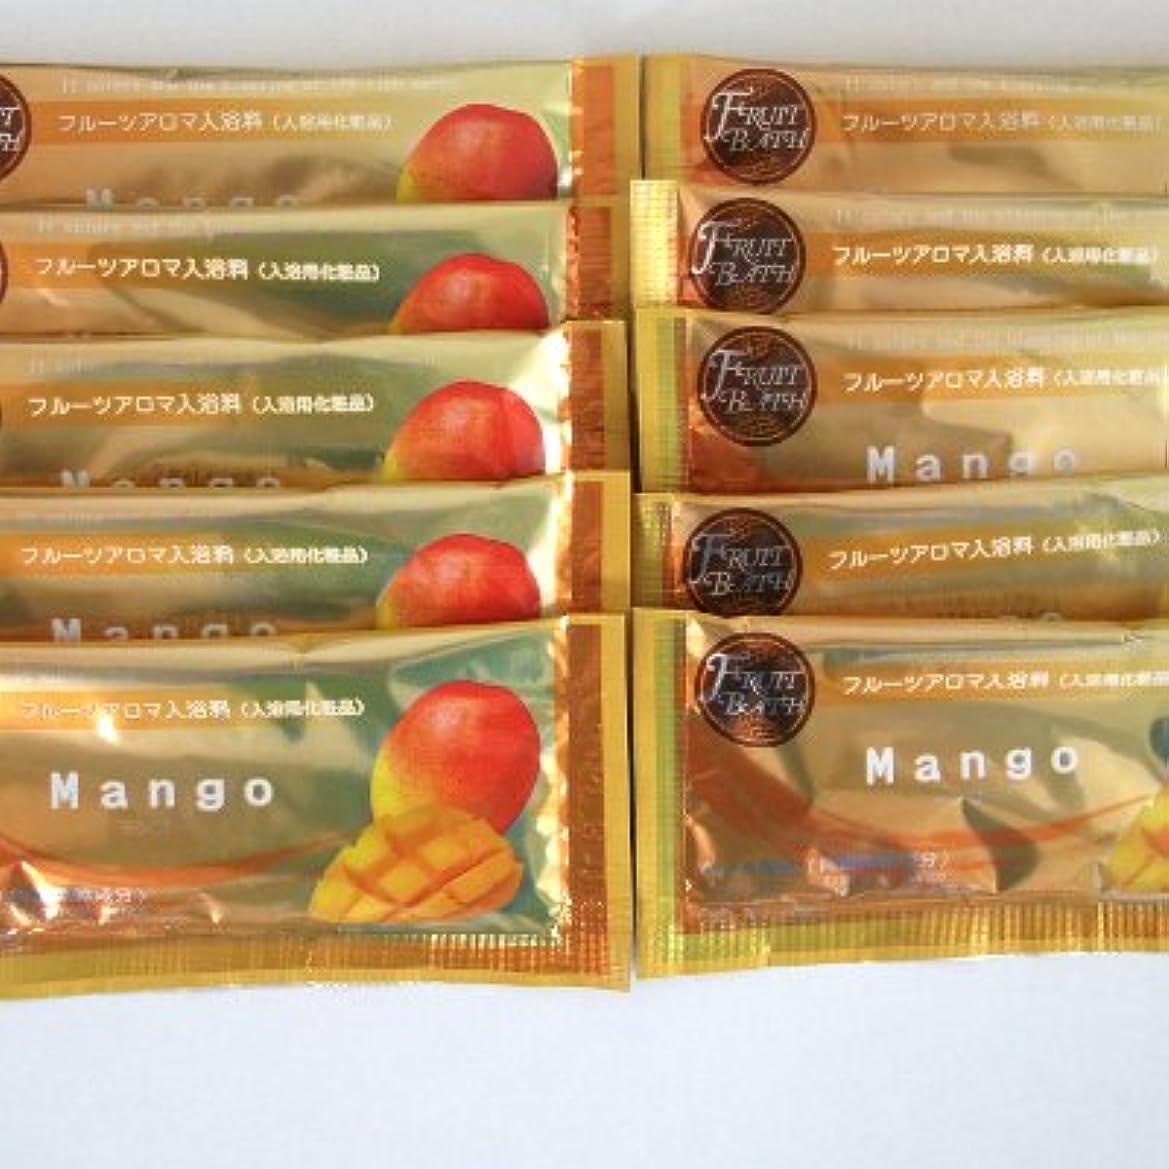 暖かさ腐敗した乗算フルーツアロマ入浴剤 マンゴーの香り 10包セット